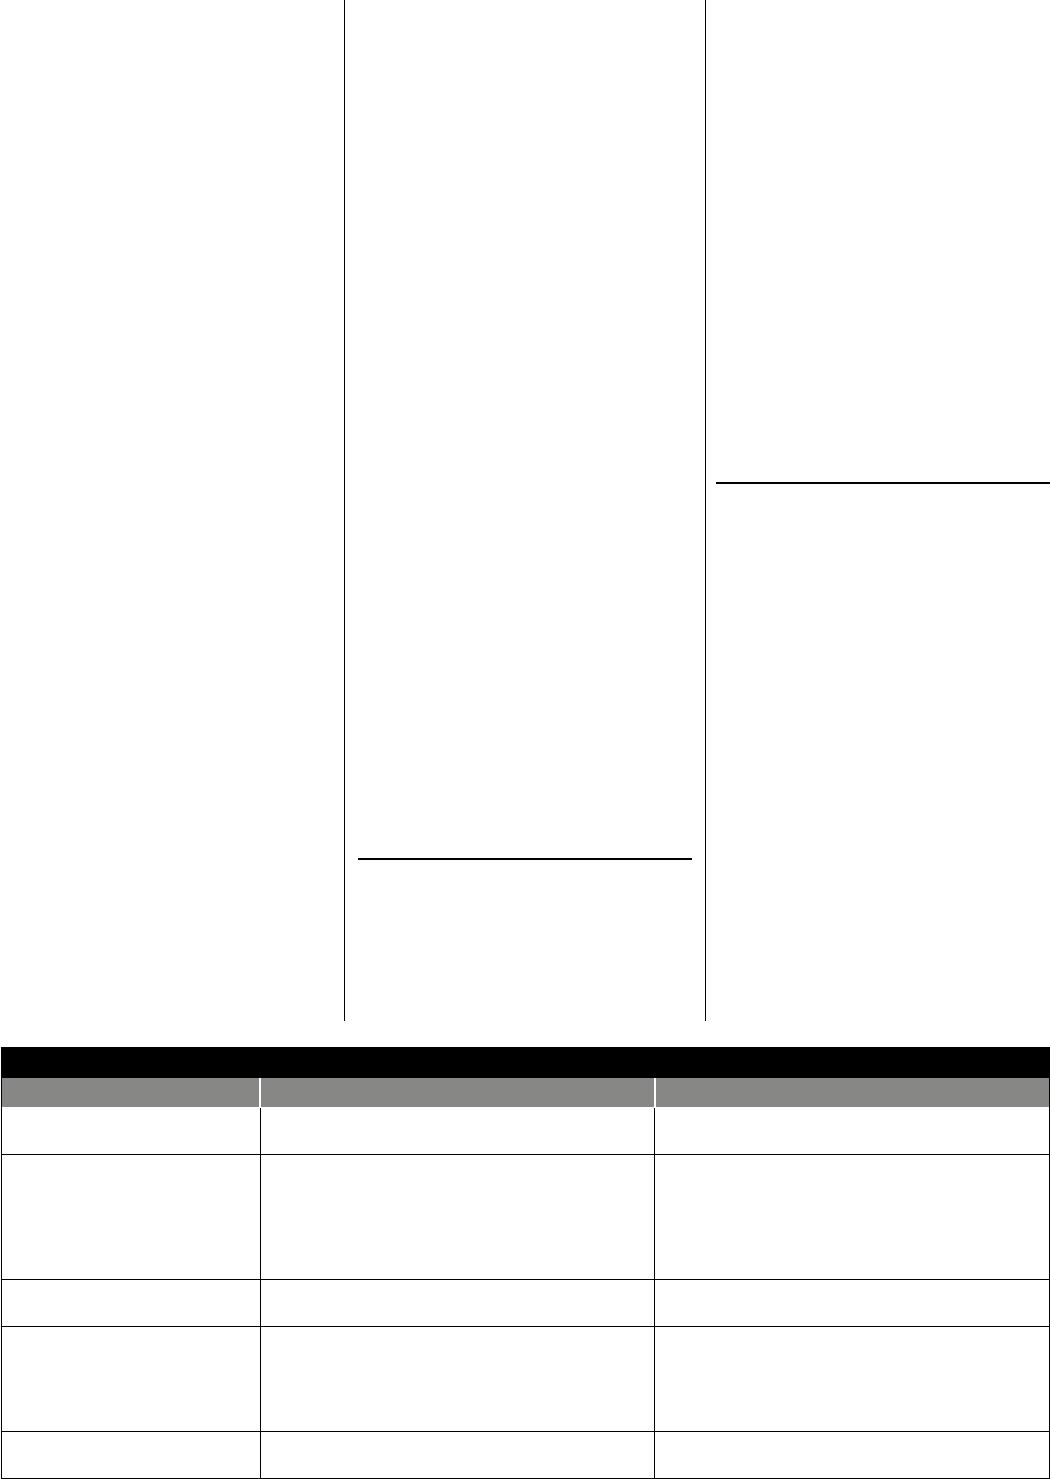 handleiding barbecook manua 2 pagina 18 van 120 dansk. Black Bedroom Furniture Sets. Home Design Ideas